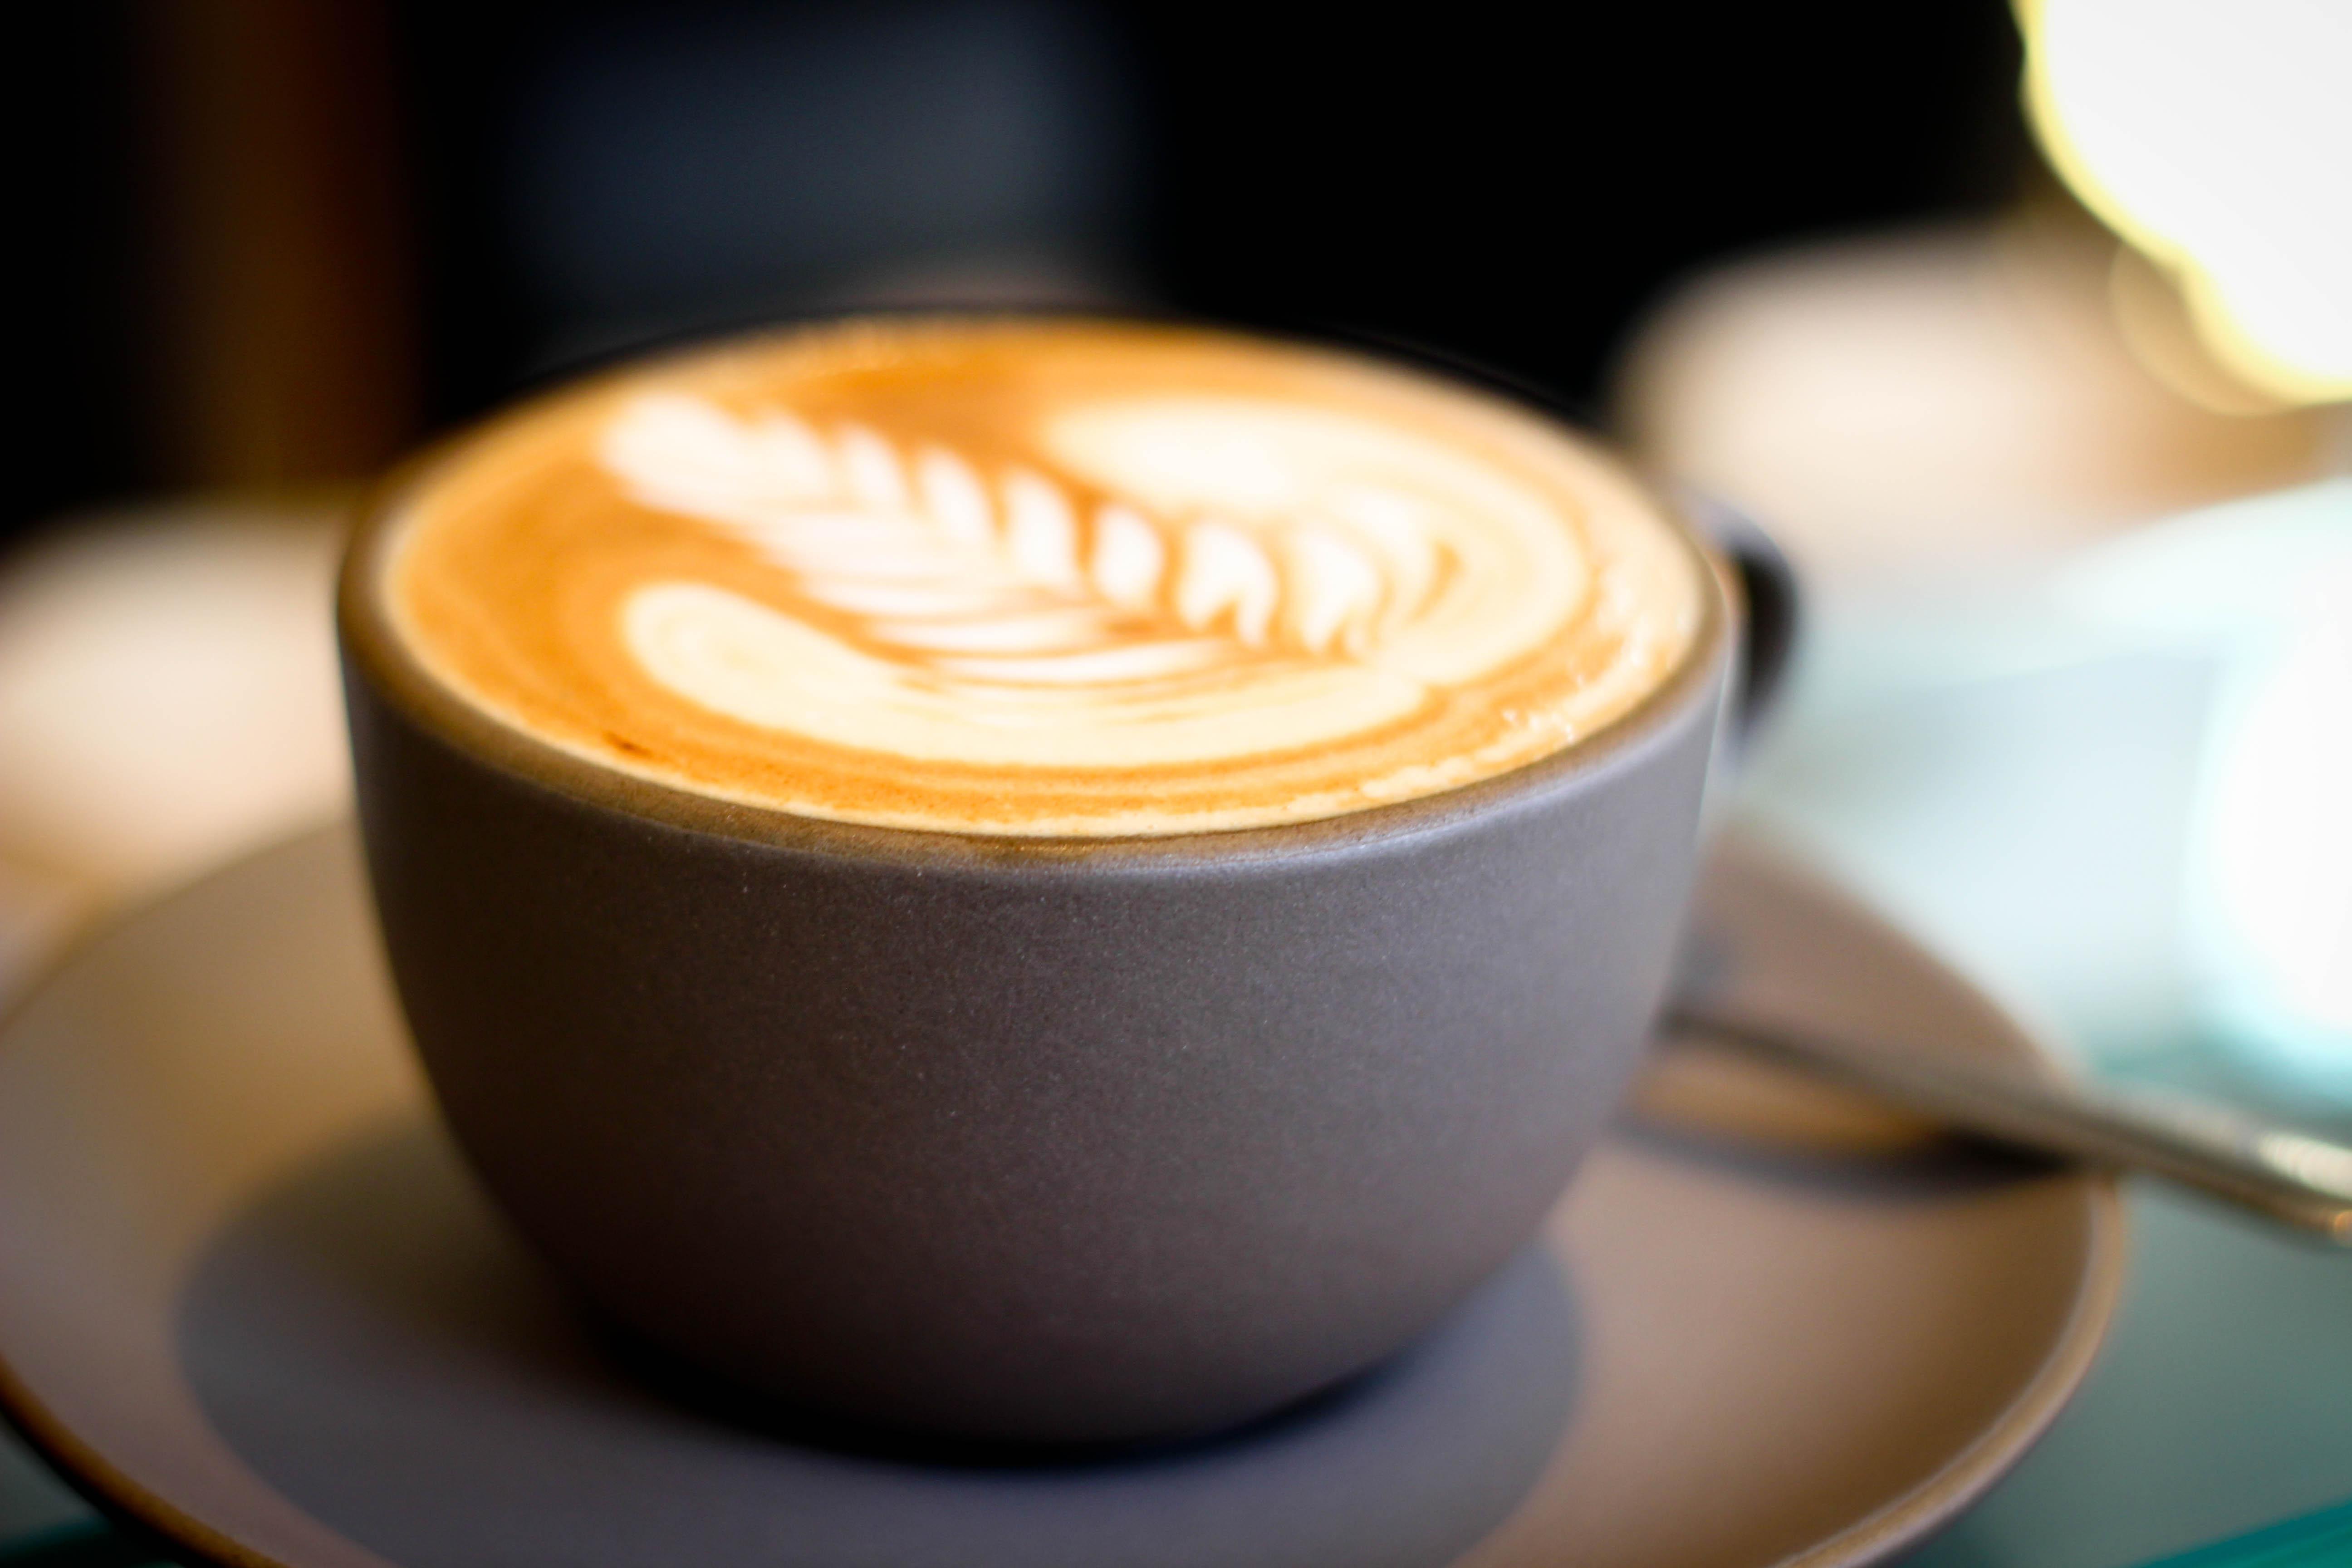 硅谷高端手工咖啡 Blue Bottle 完成最新一轮 7000万美元融资